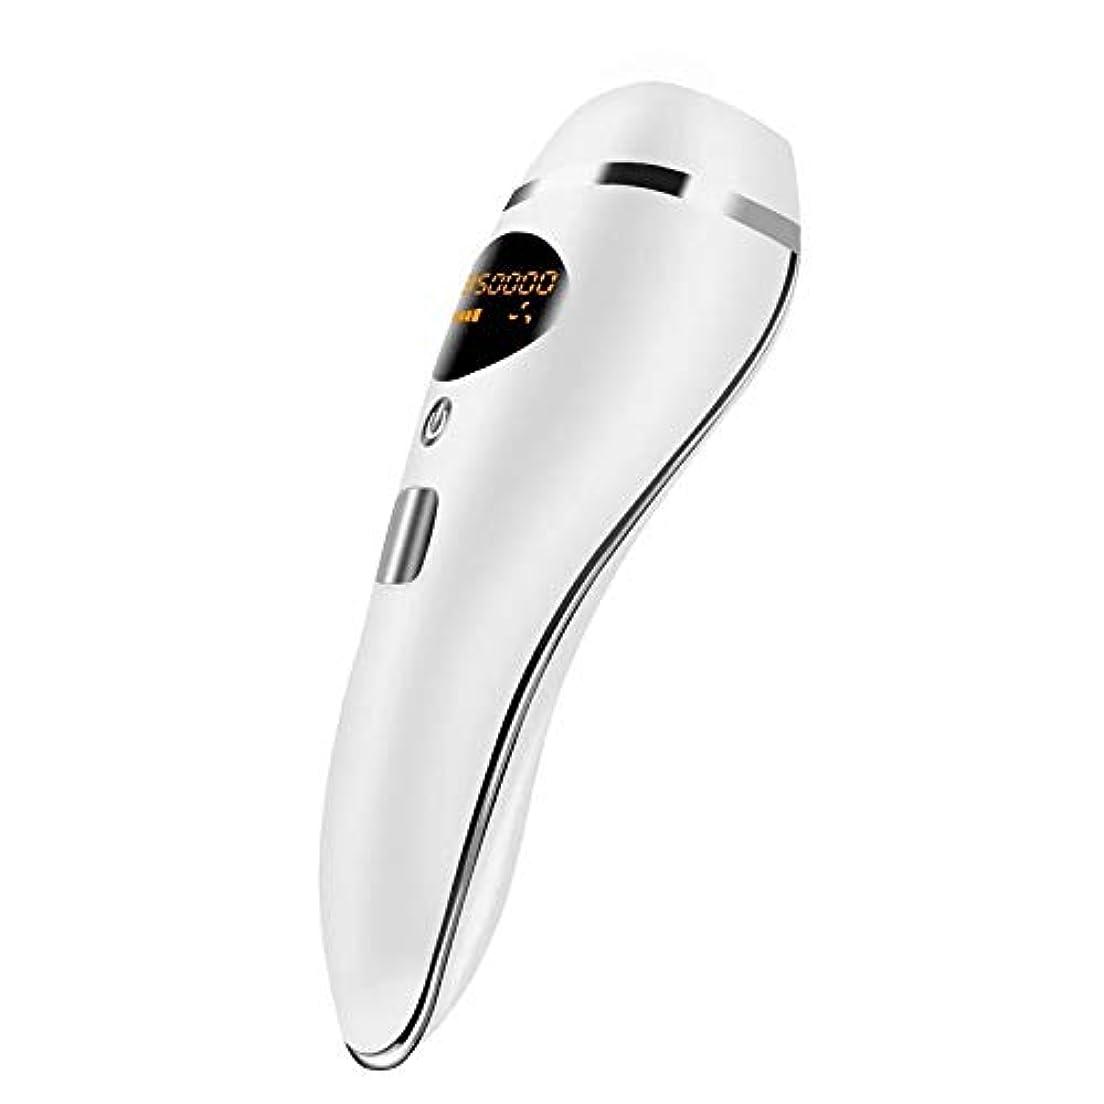 落ちた豚弁護レーザー脱毛美容機器無痛永久IPL凍結ポイントデバイス、全身フェイシャルユニセックス機器に適して,White